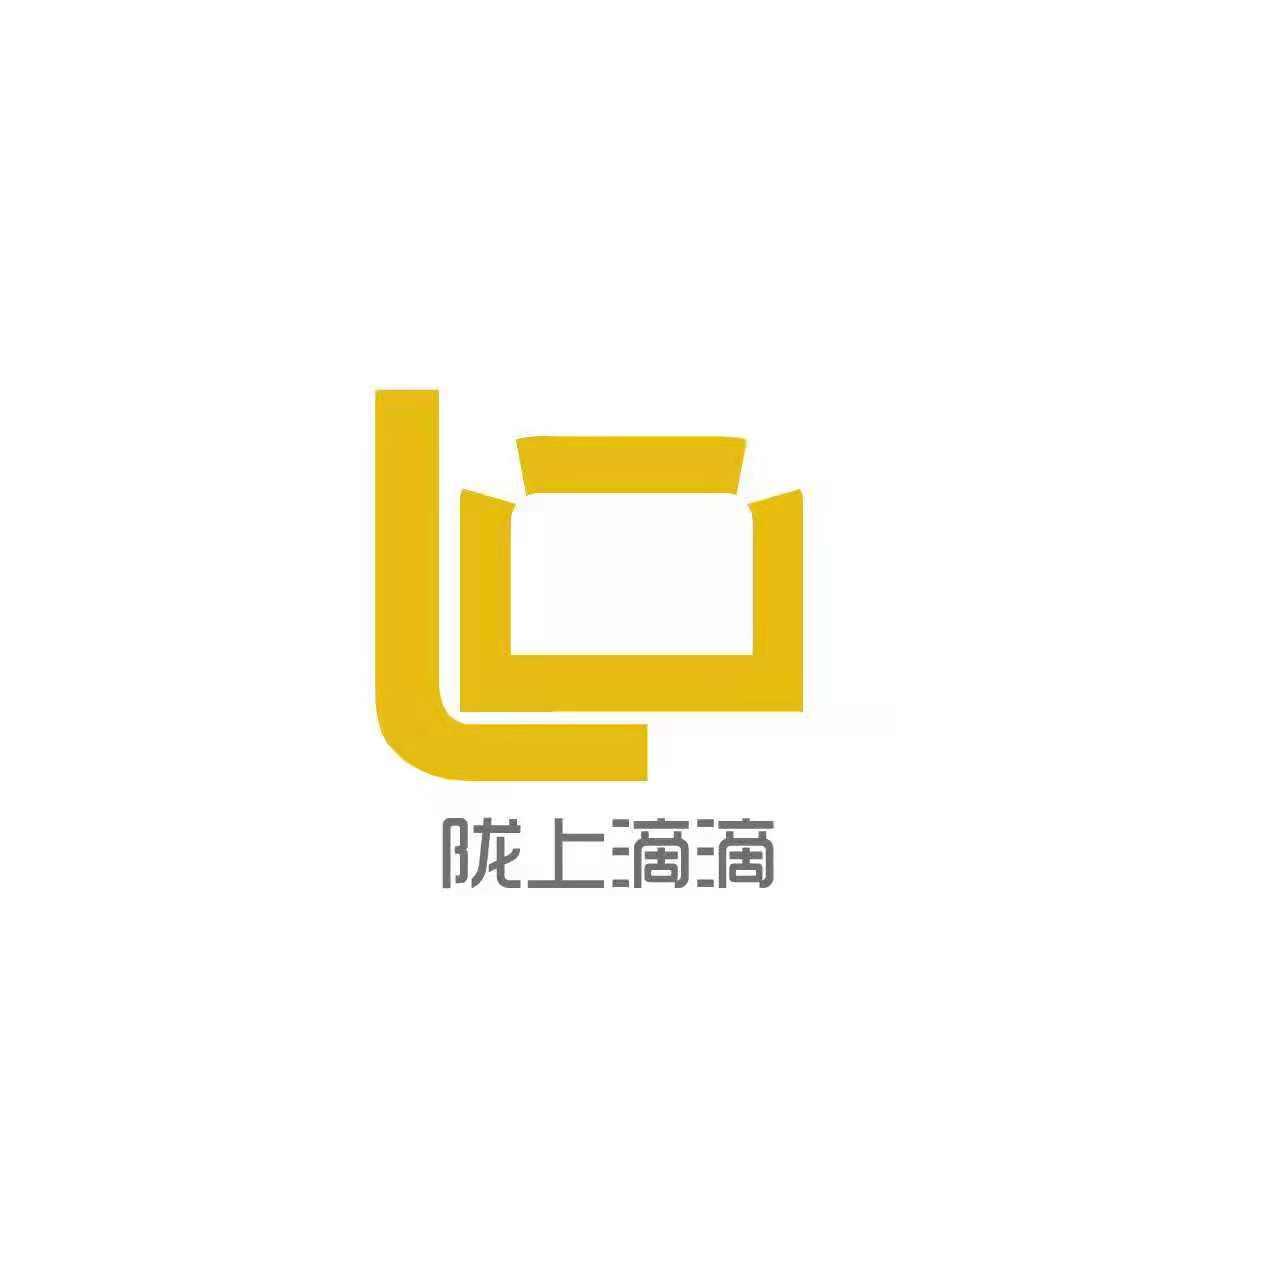 庆阳滴滴租赁服务有限公司